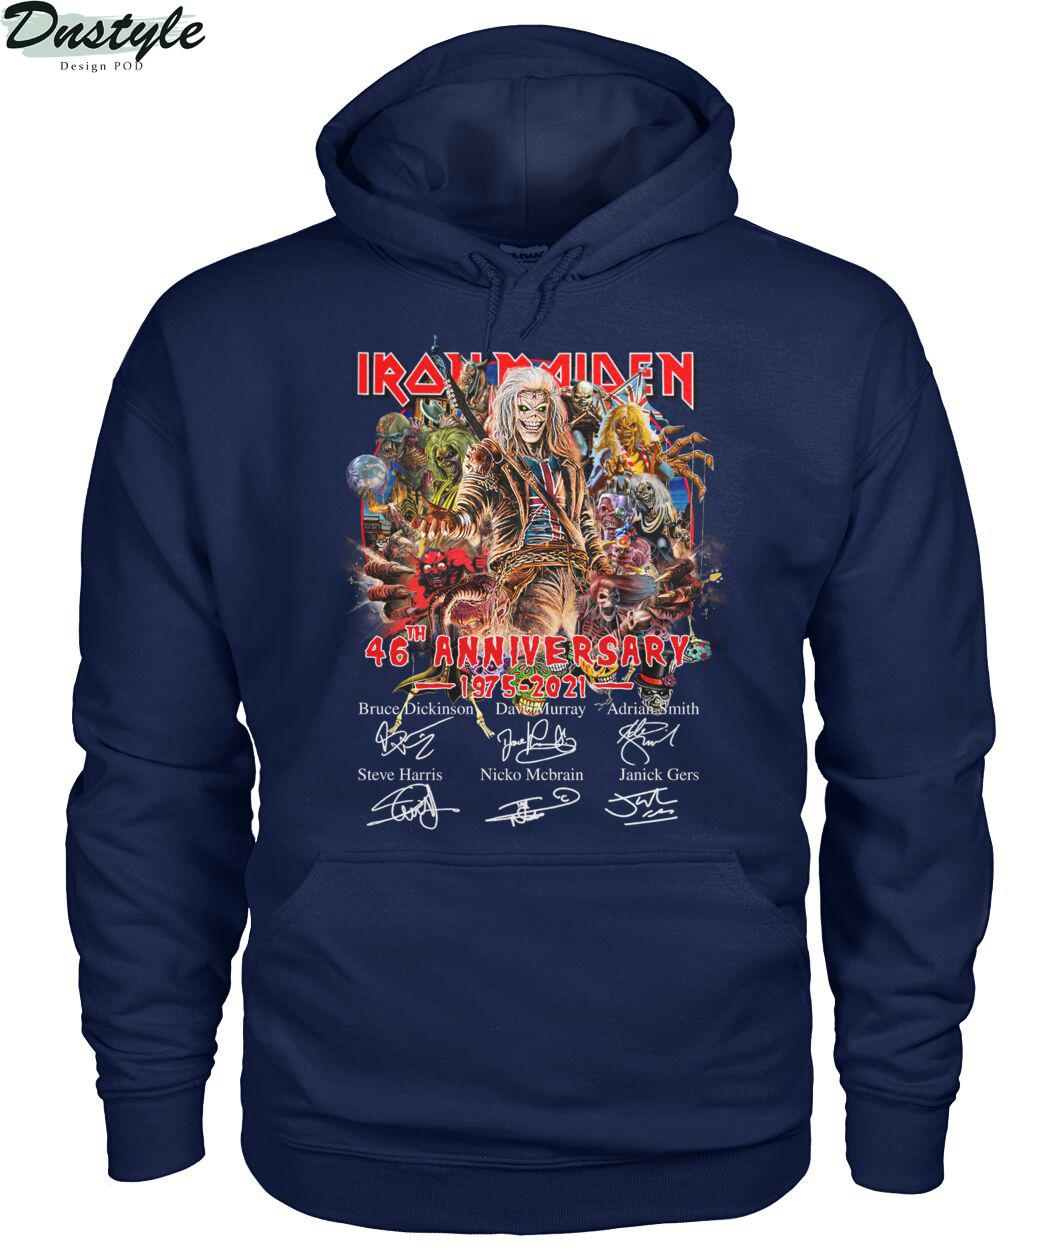 Iron Maiden 46th anniversary 1975 2021 signature hoodie